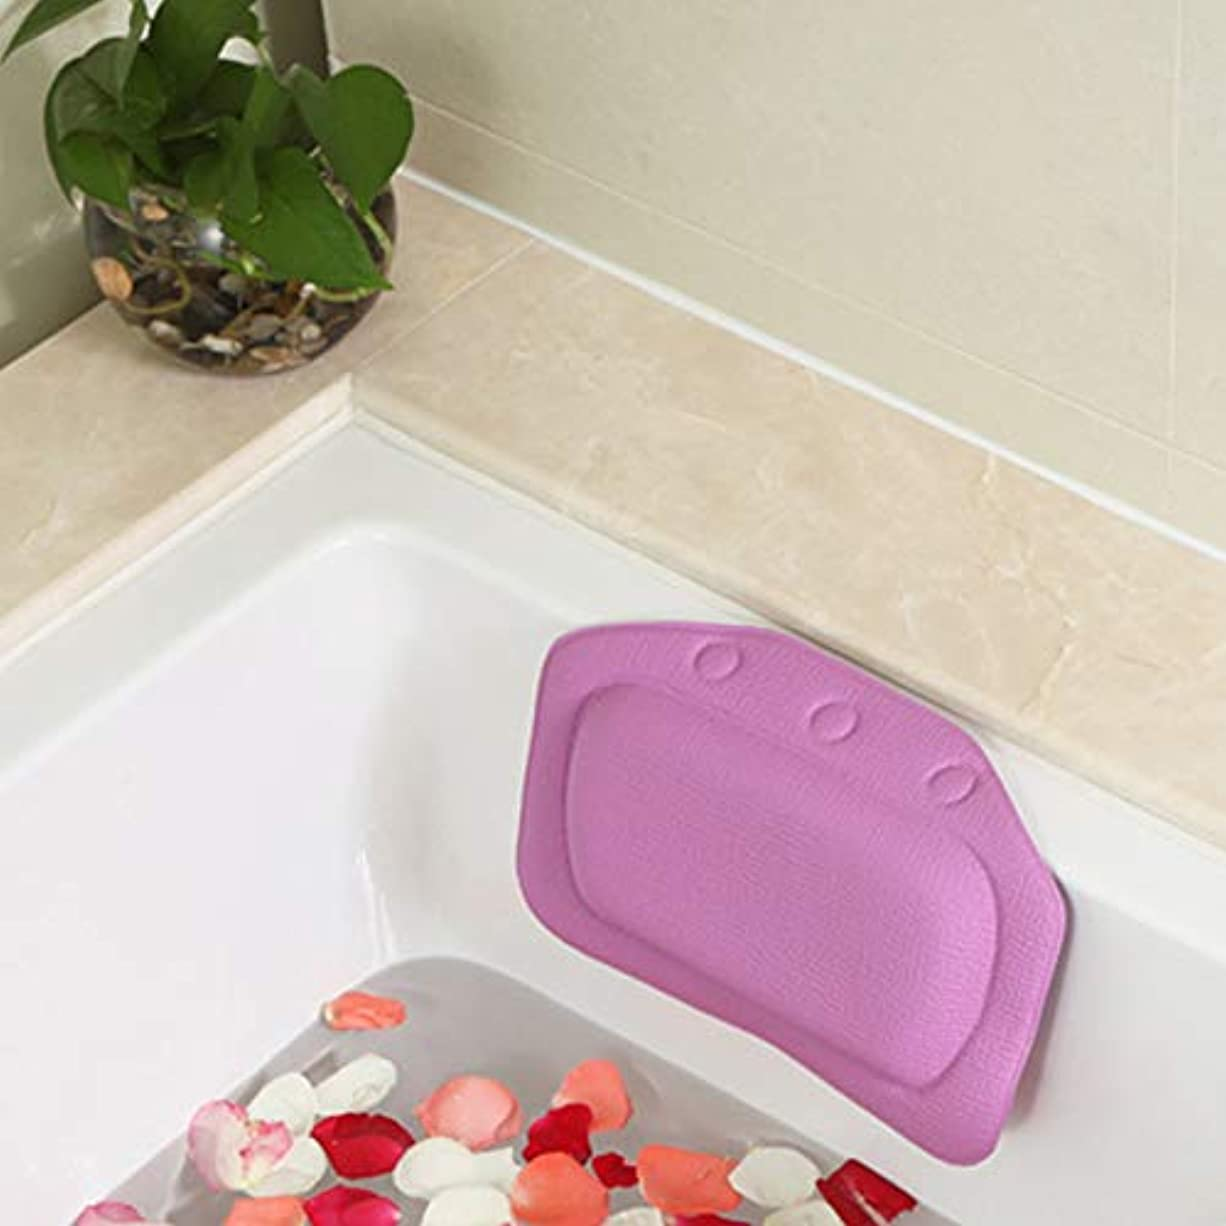 最初にメアリアンジョーンズ靴柔らかいpvc発泡スポンジ風呂枕防水ヘッドレストクッション付き浴室シャワー浴槽リラックスアクセサリー,Purple